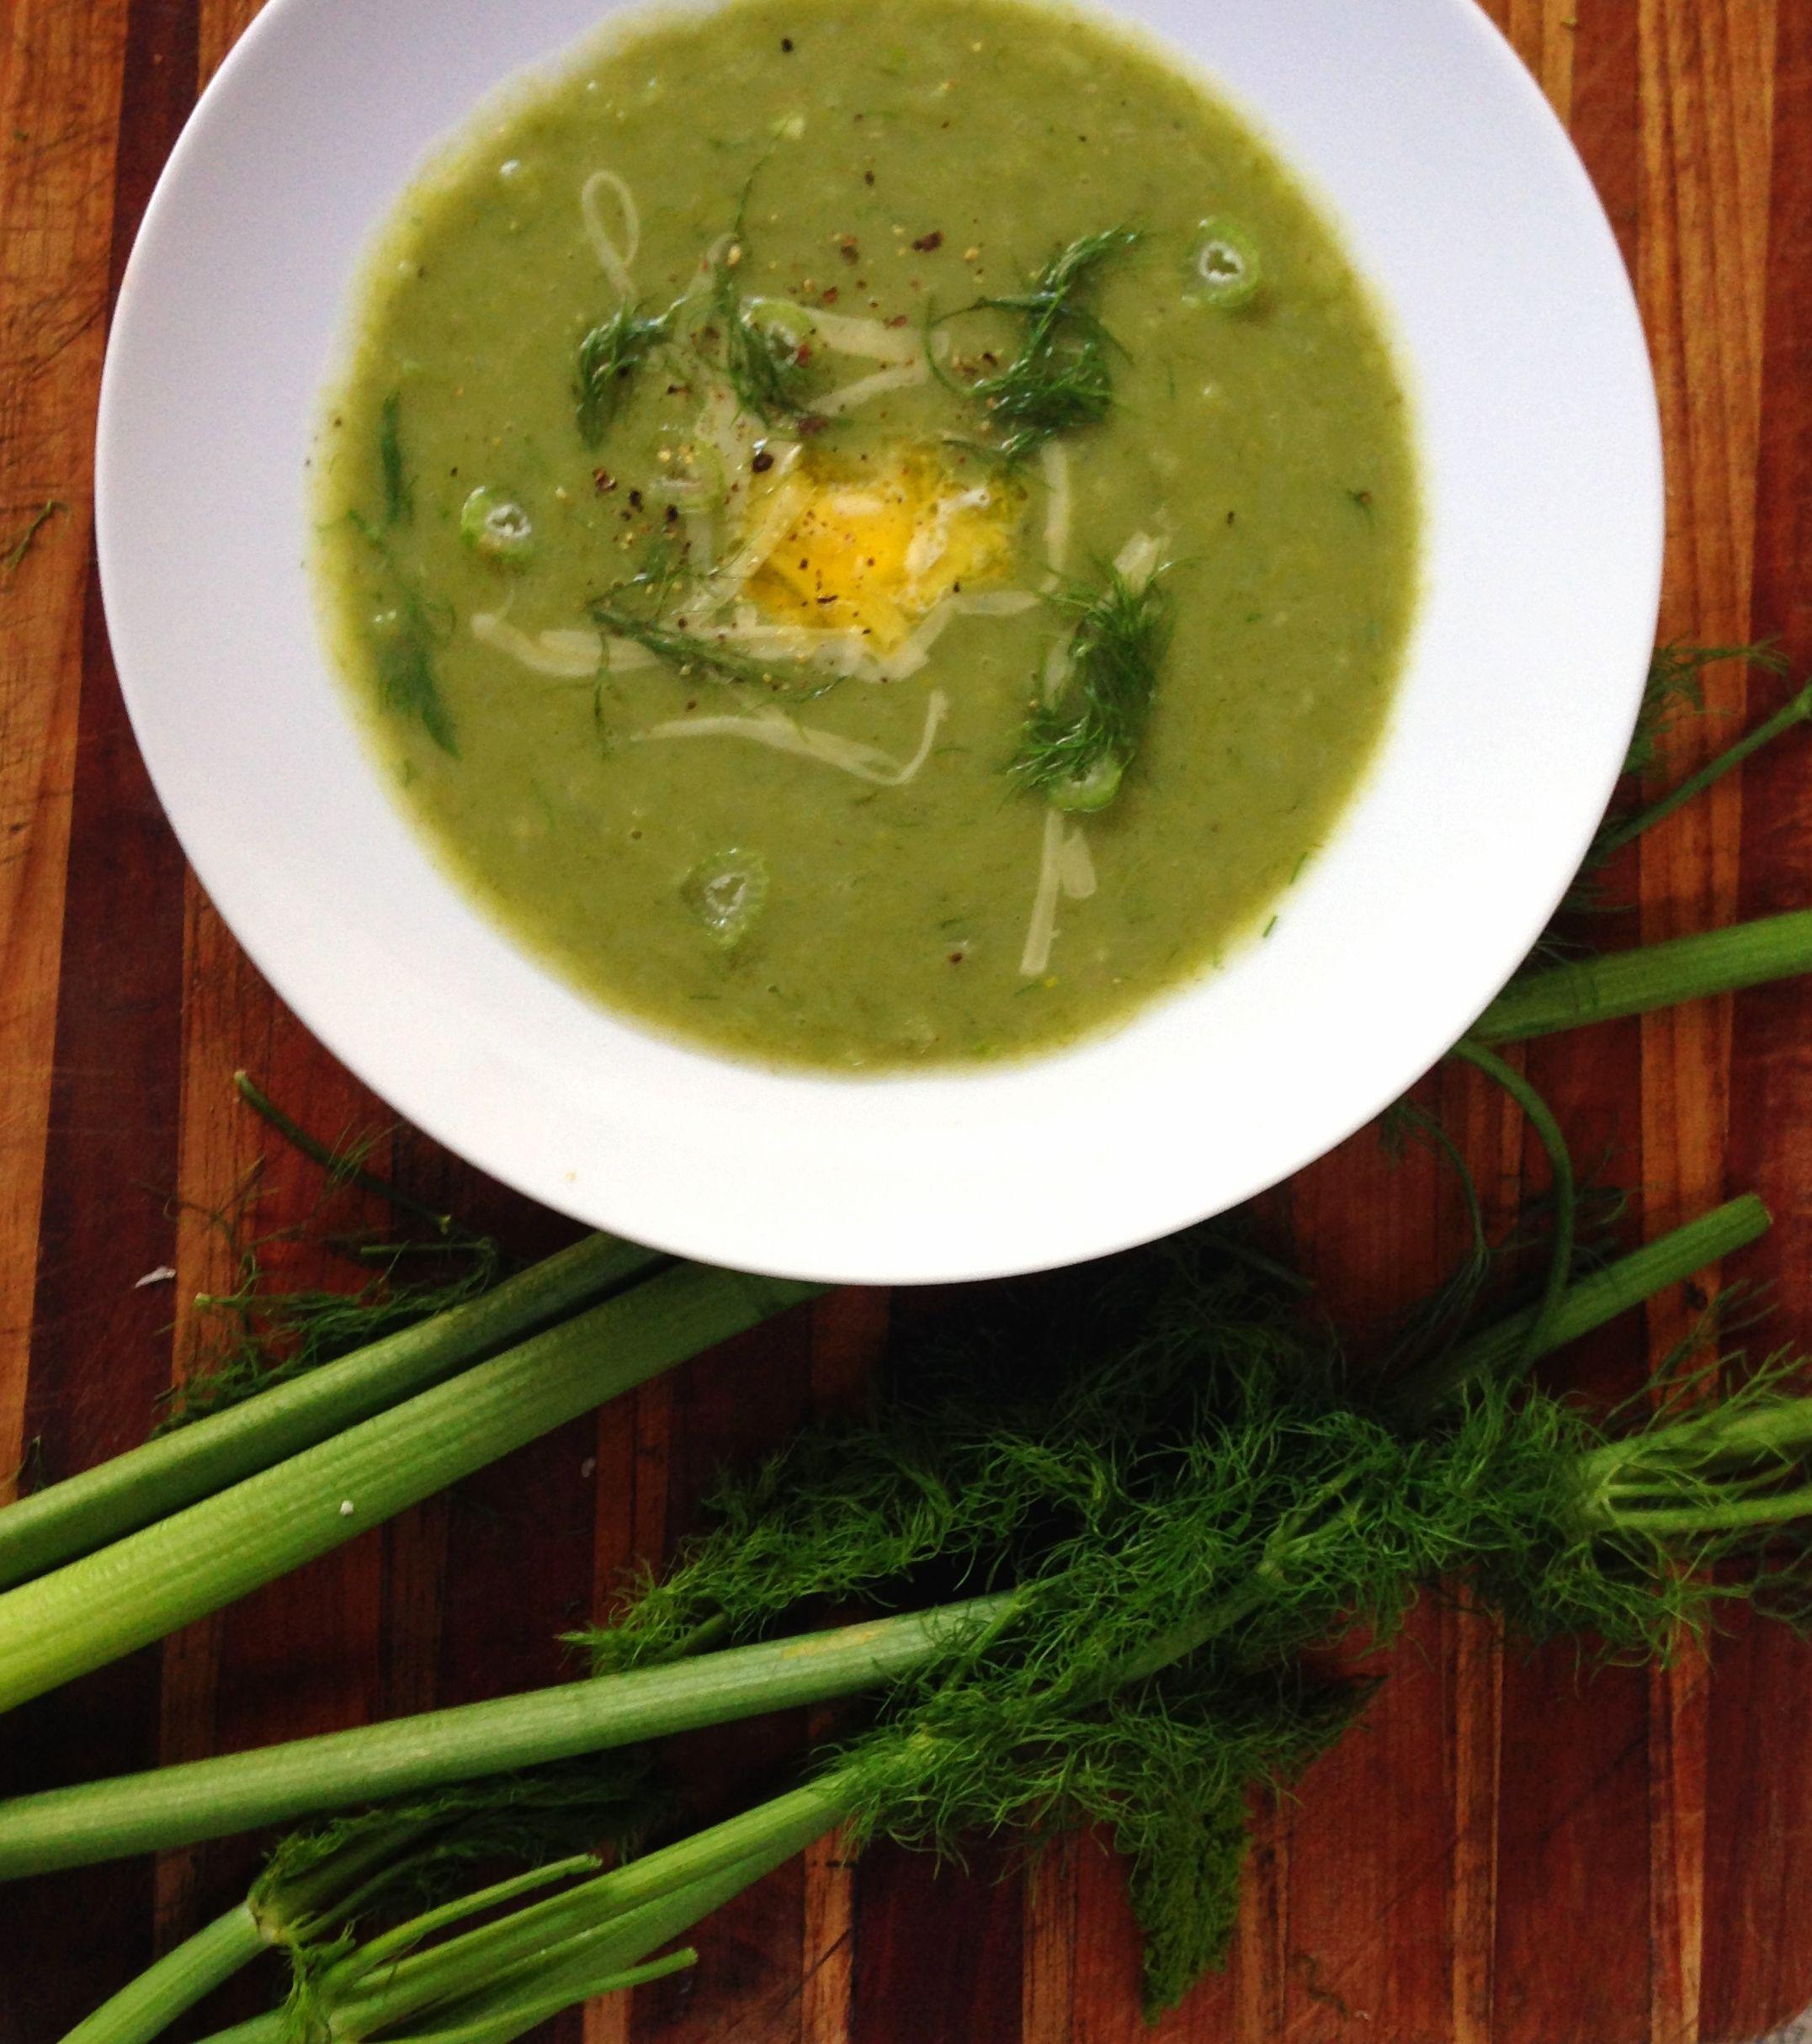 Potato, Leek & Fennel SoupAmanda Keats http://www.looksgoodtastesgood.com/home/2016/7/12/potato-leek-fennel-soup